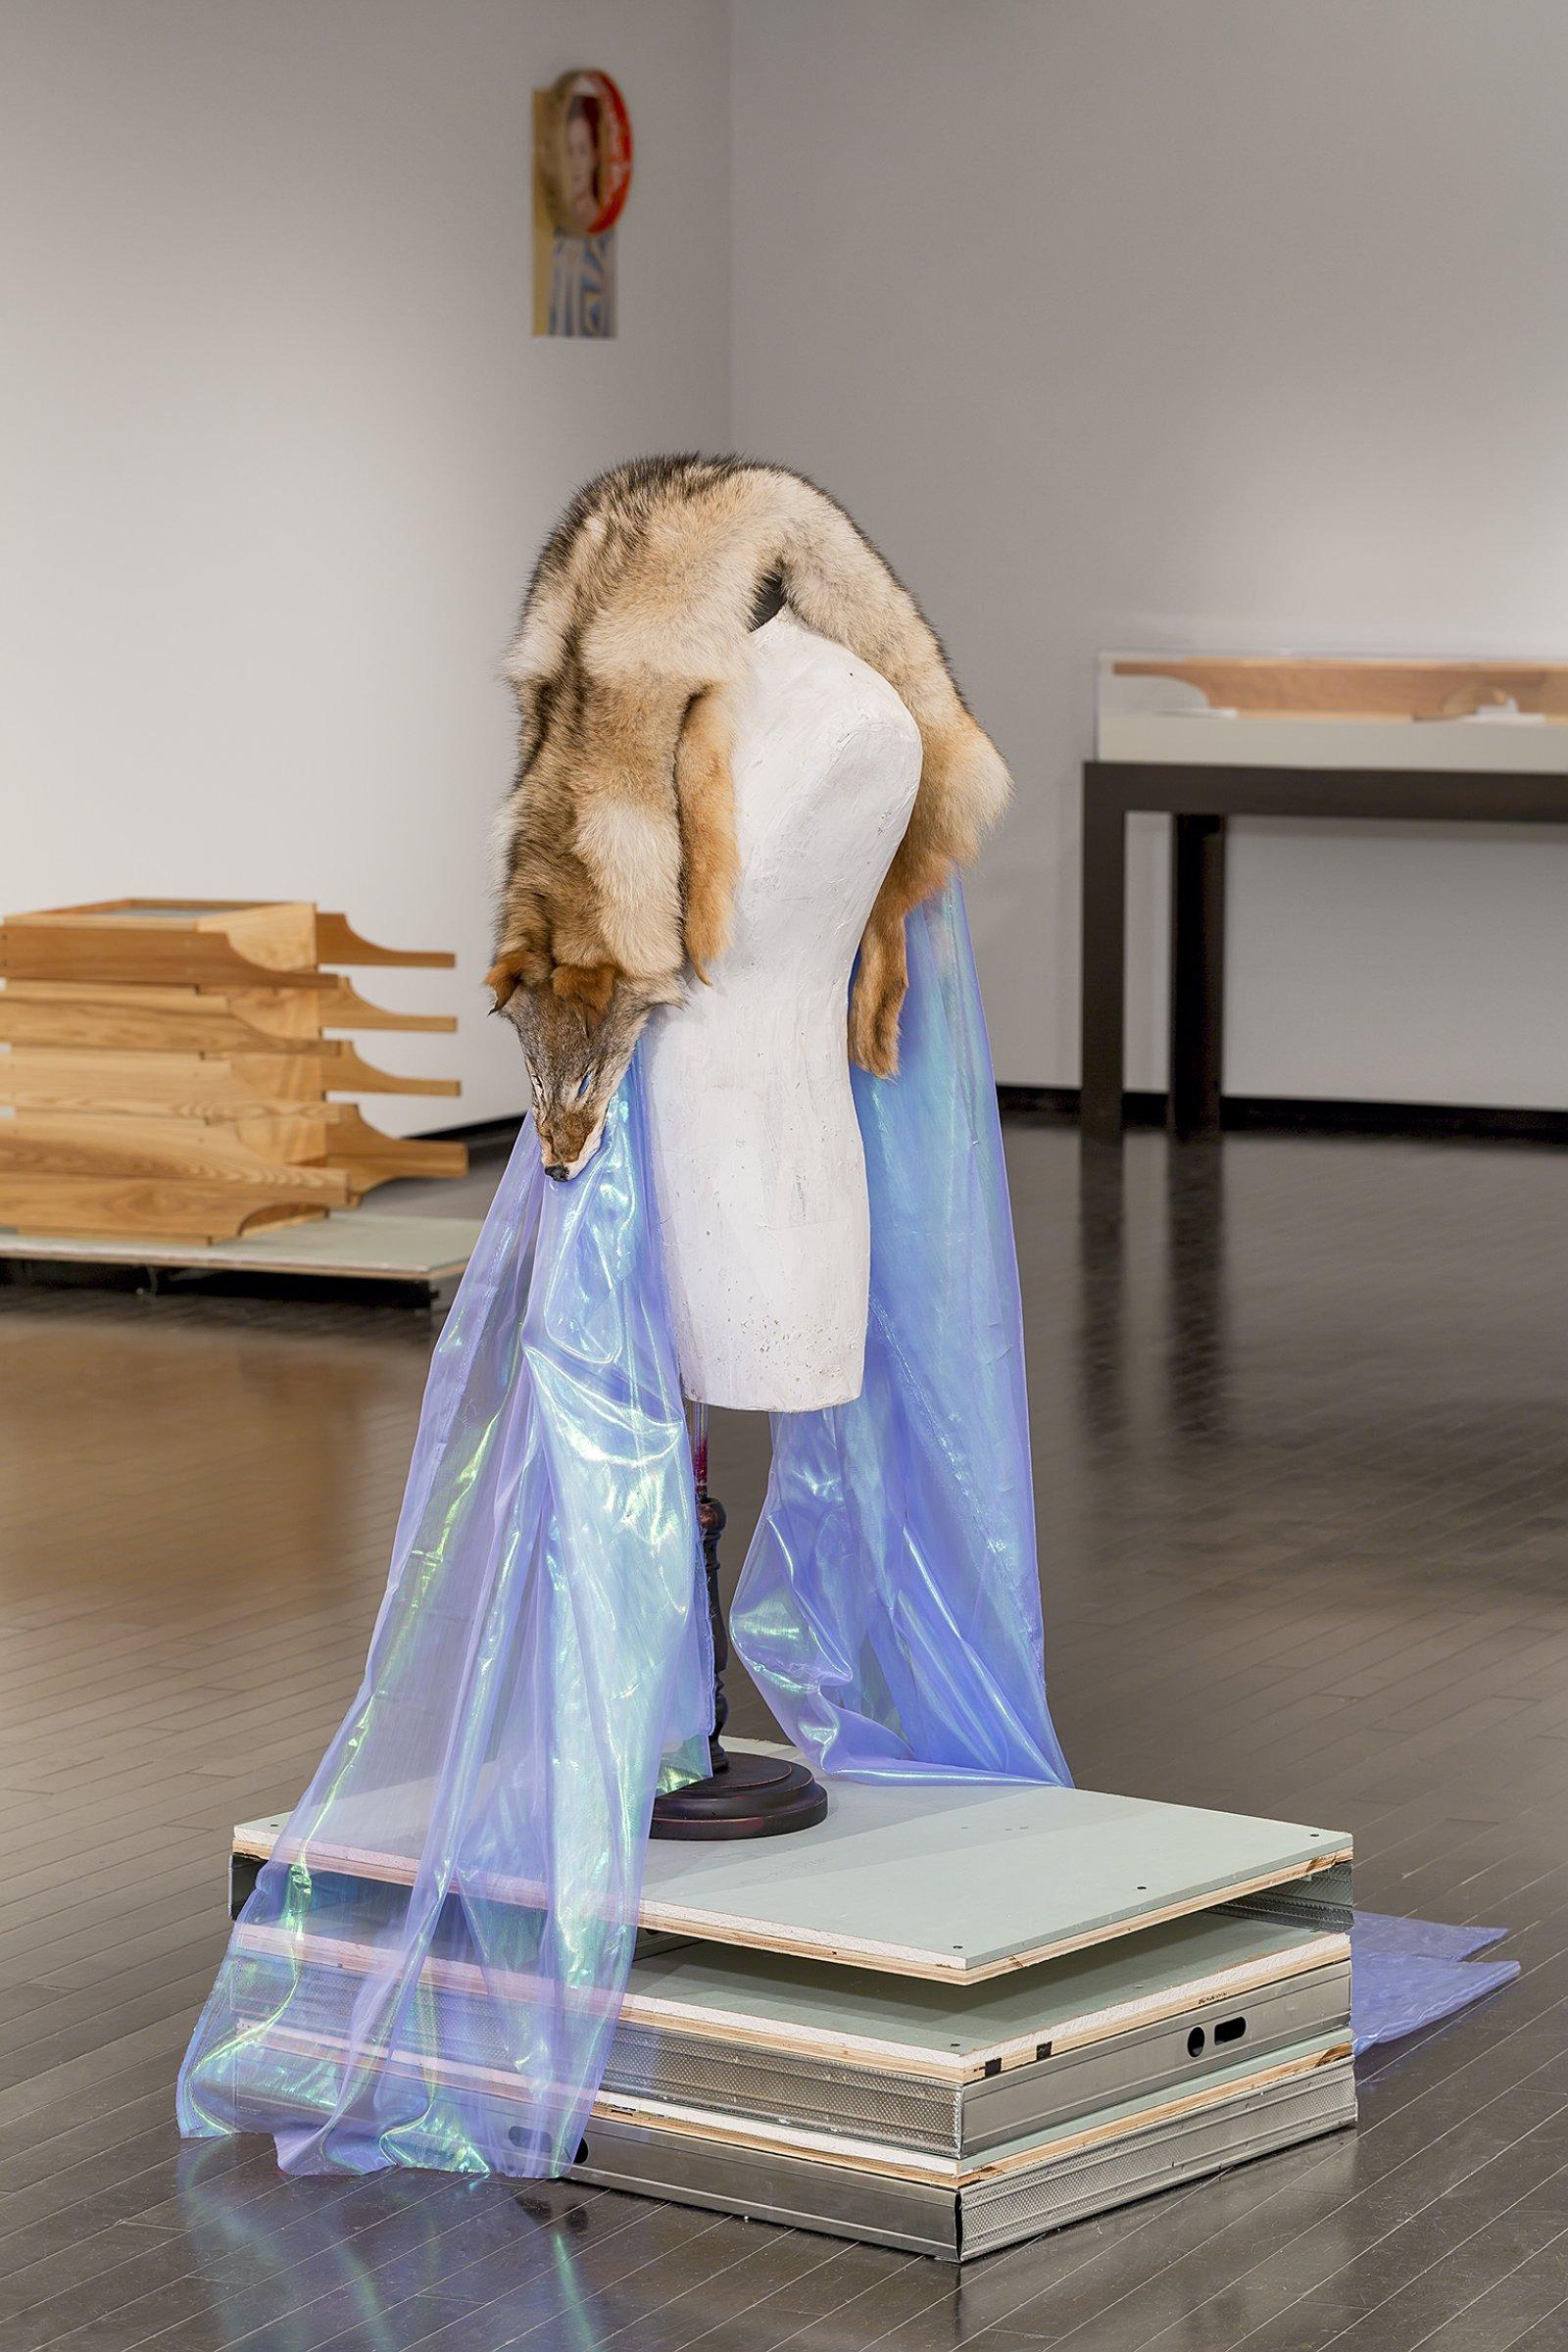 Duane Linklater, Beast of Burden, 2016, coyote fur, dress form, gypsum, steel, wood, dimensions variable